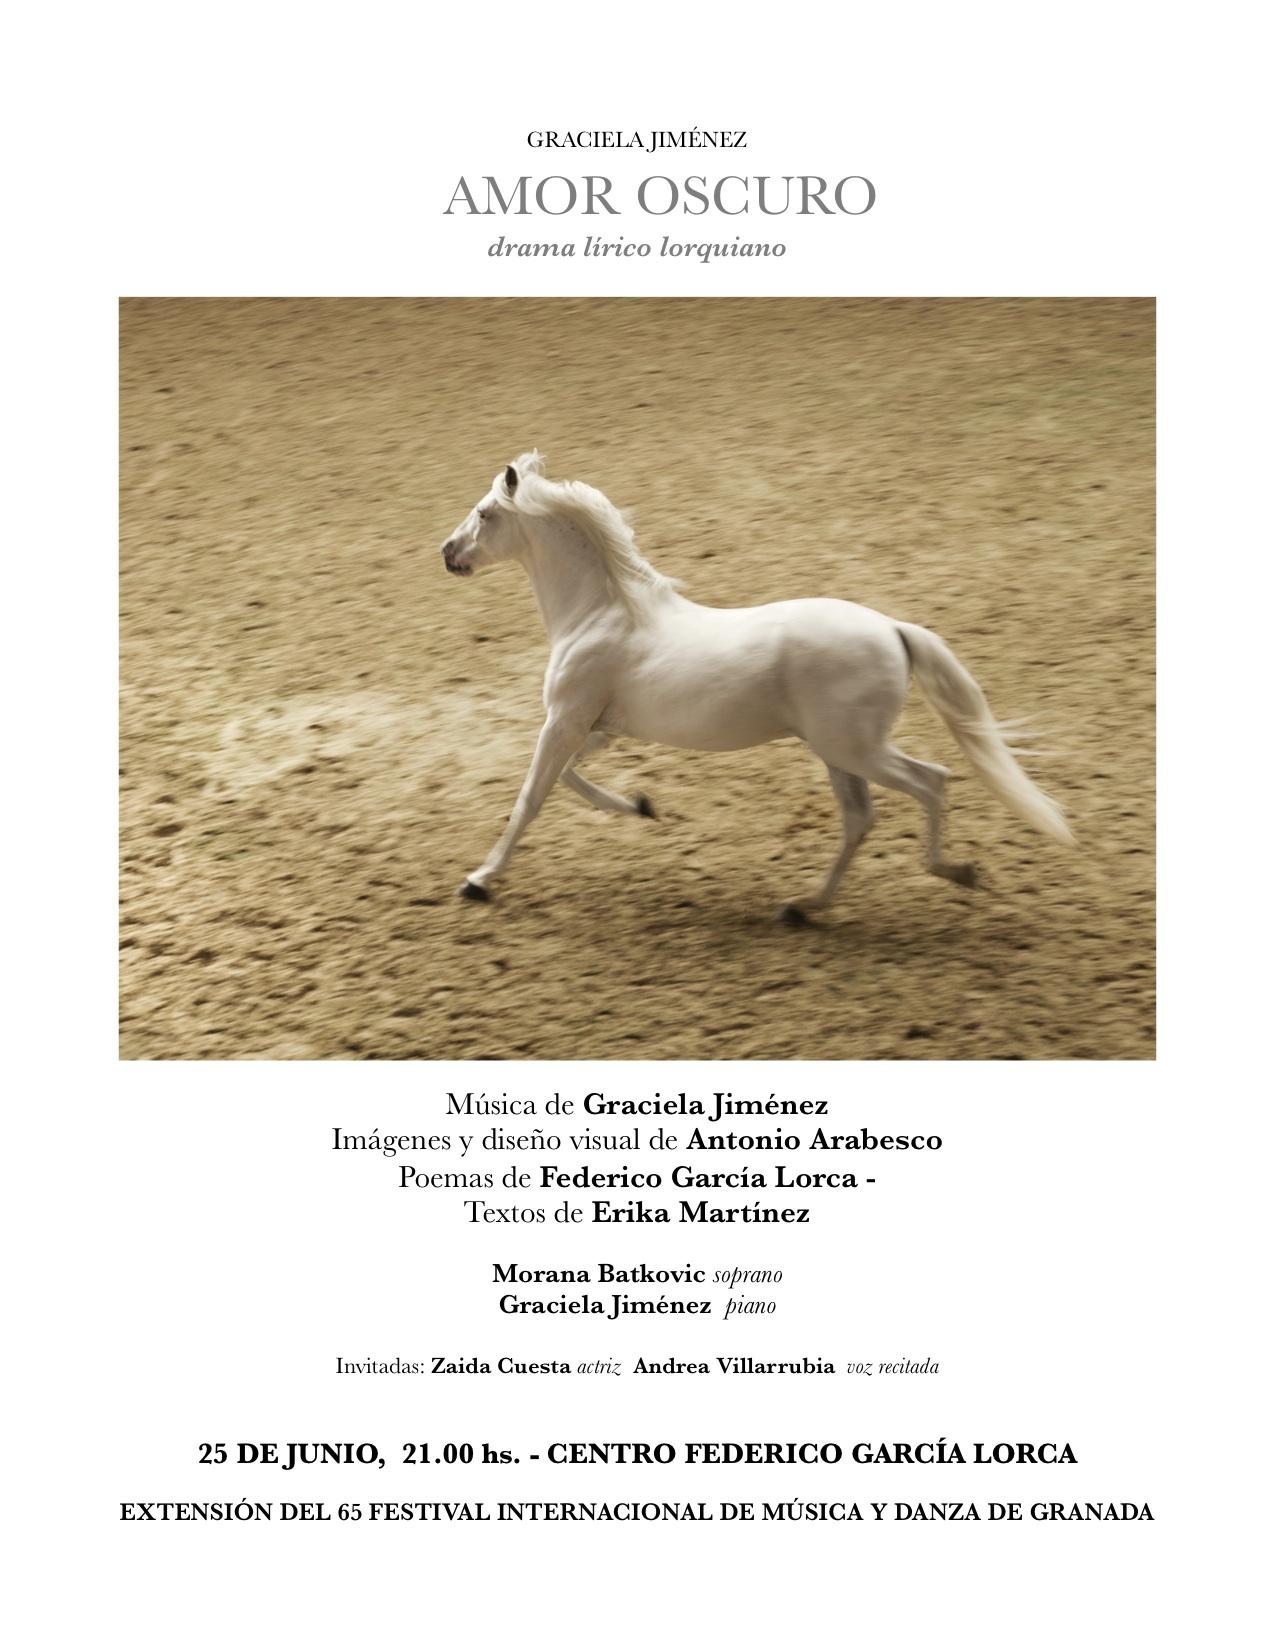 GRACIELA JIMÉNEZ - AMOR OSCURO drama lírico lorquiano @ Centro Federico García Lorca,    Granada   Andalucía   España